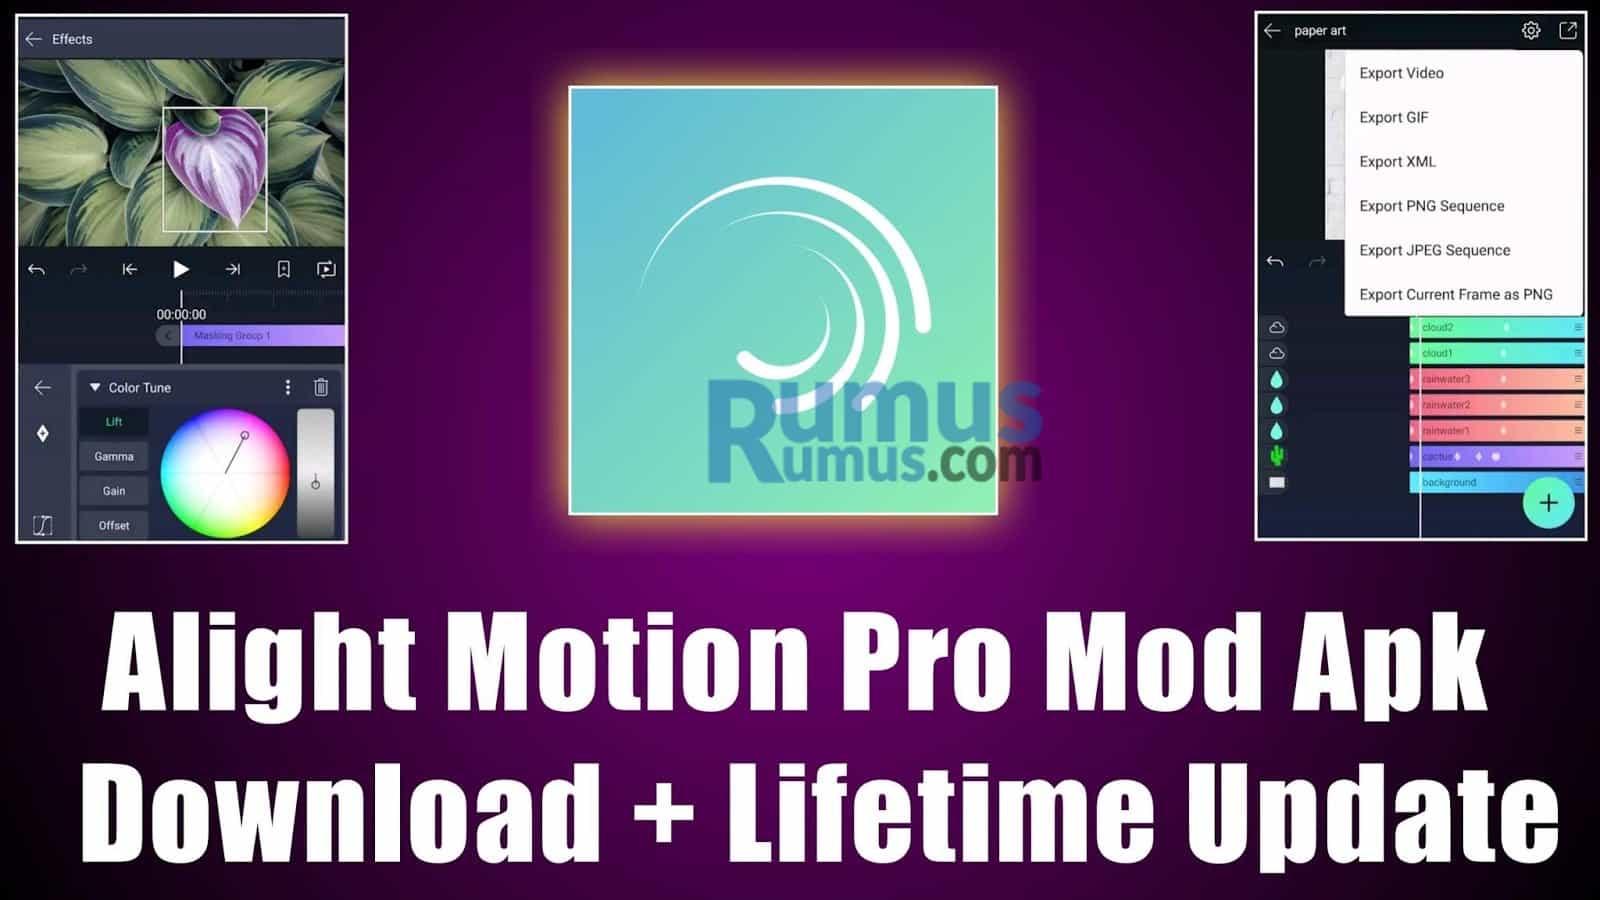 Download AM Pro Mod Apk